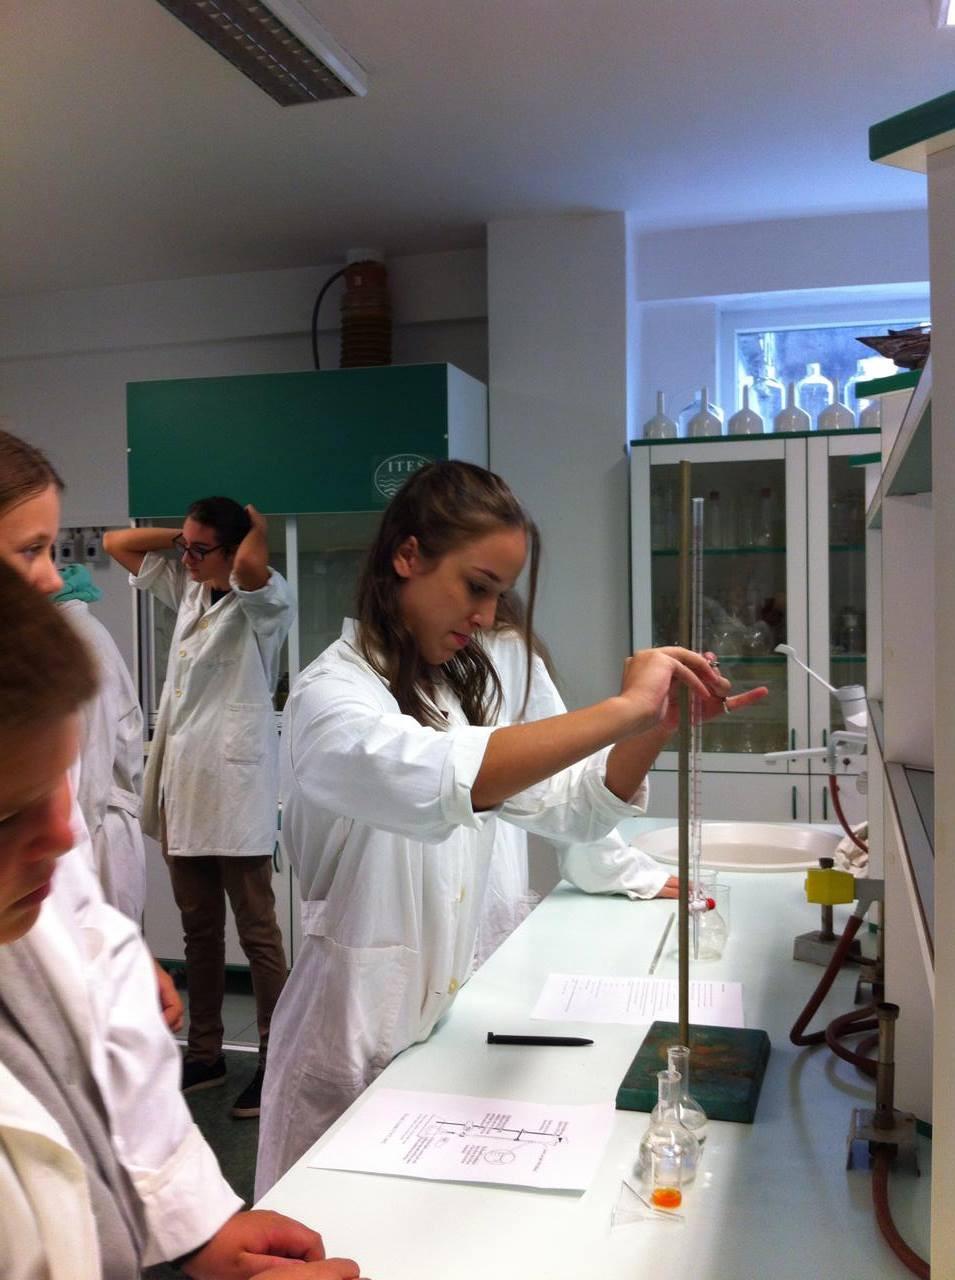 Laboratorio di Chimica al Liceo Classico